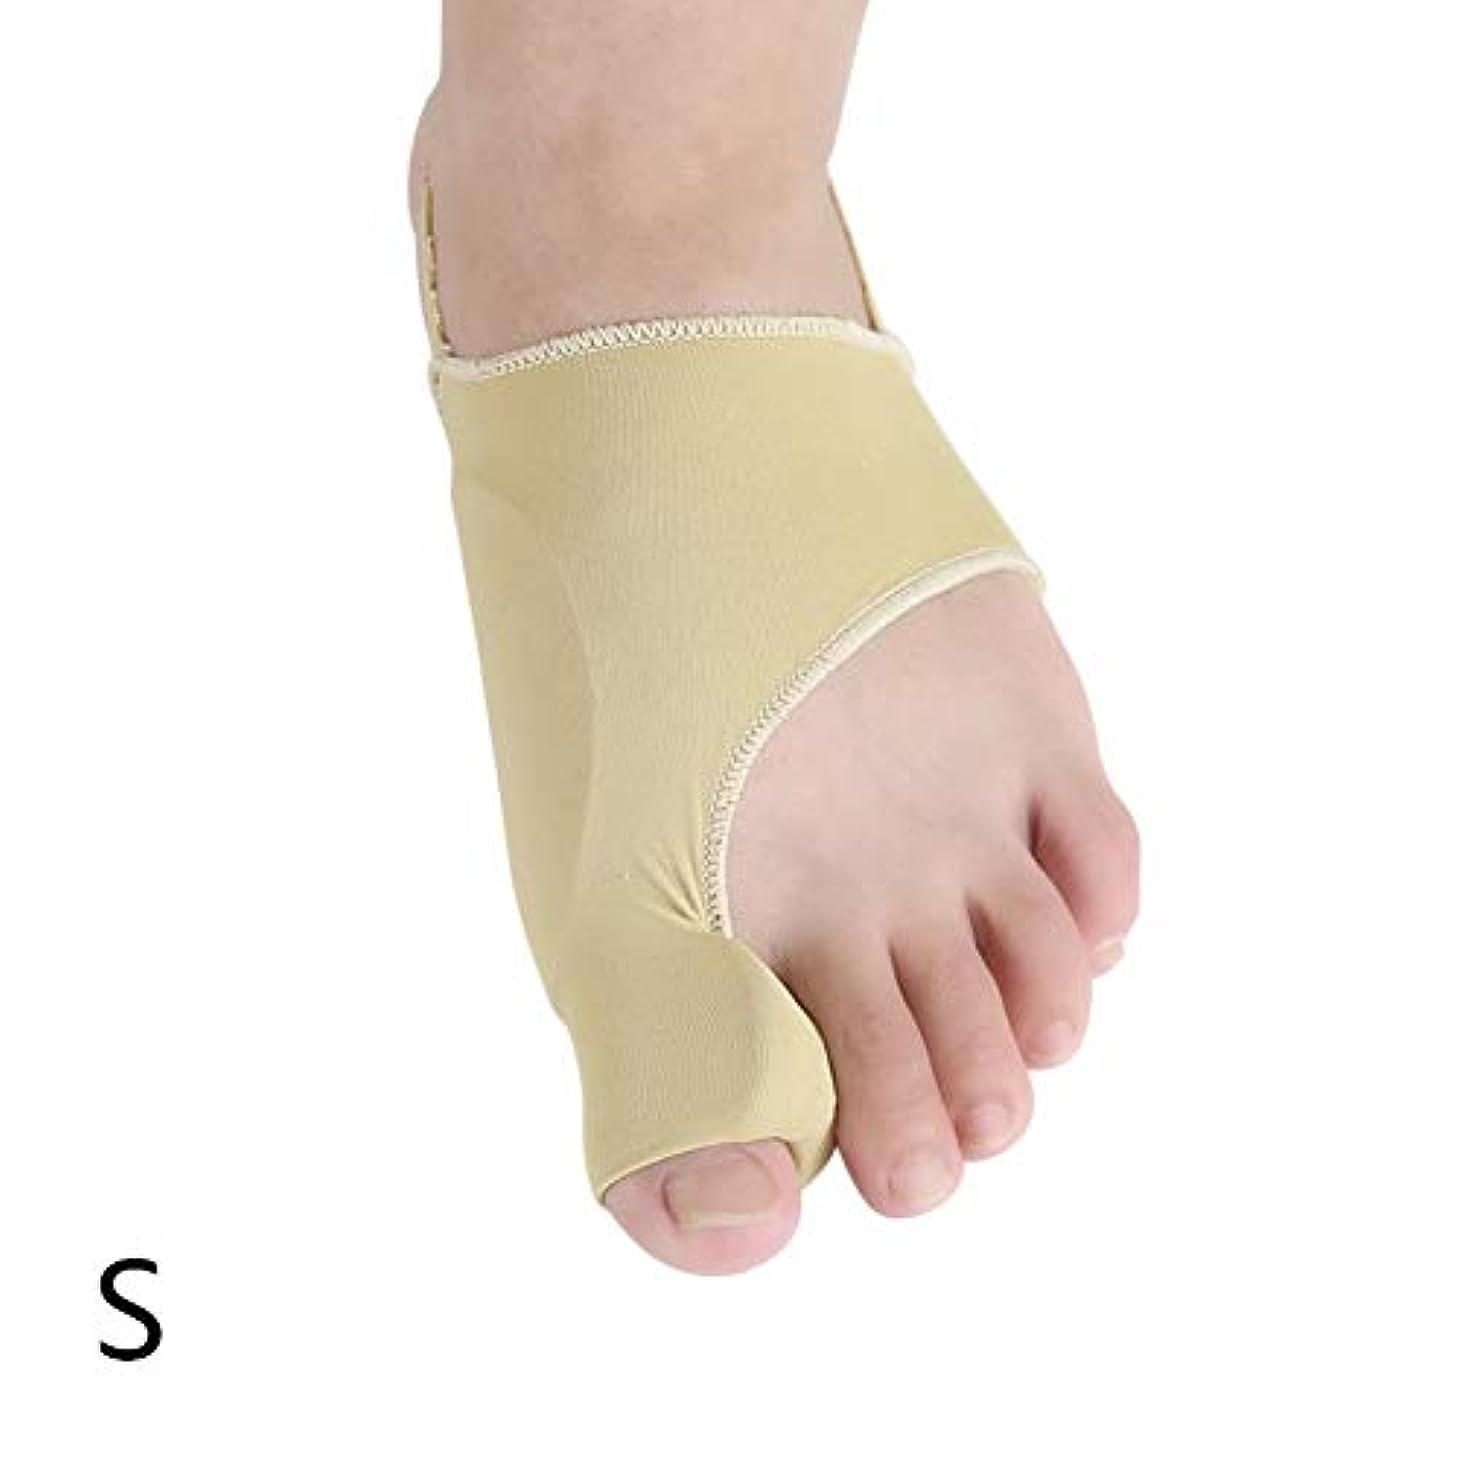 ブーム傷つきやすい再生KISSION 親指外反矯正 大骨矯正ベルト つま先セパレーター 毎日の使用 つま先の分離保護 フットケアツール 男性と女性のつま先プロテクター